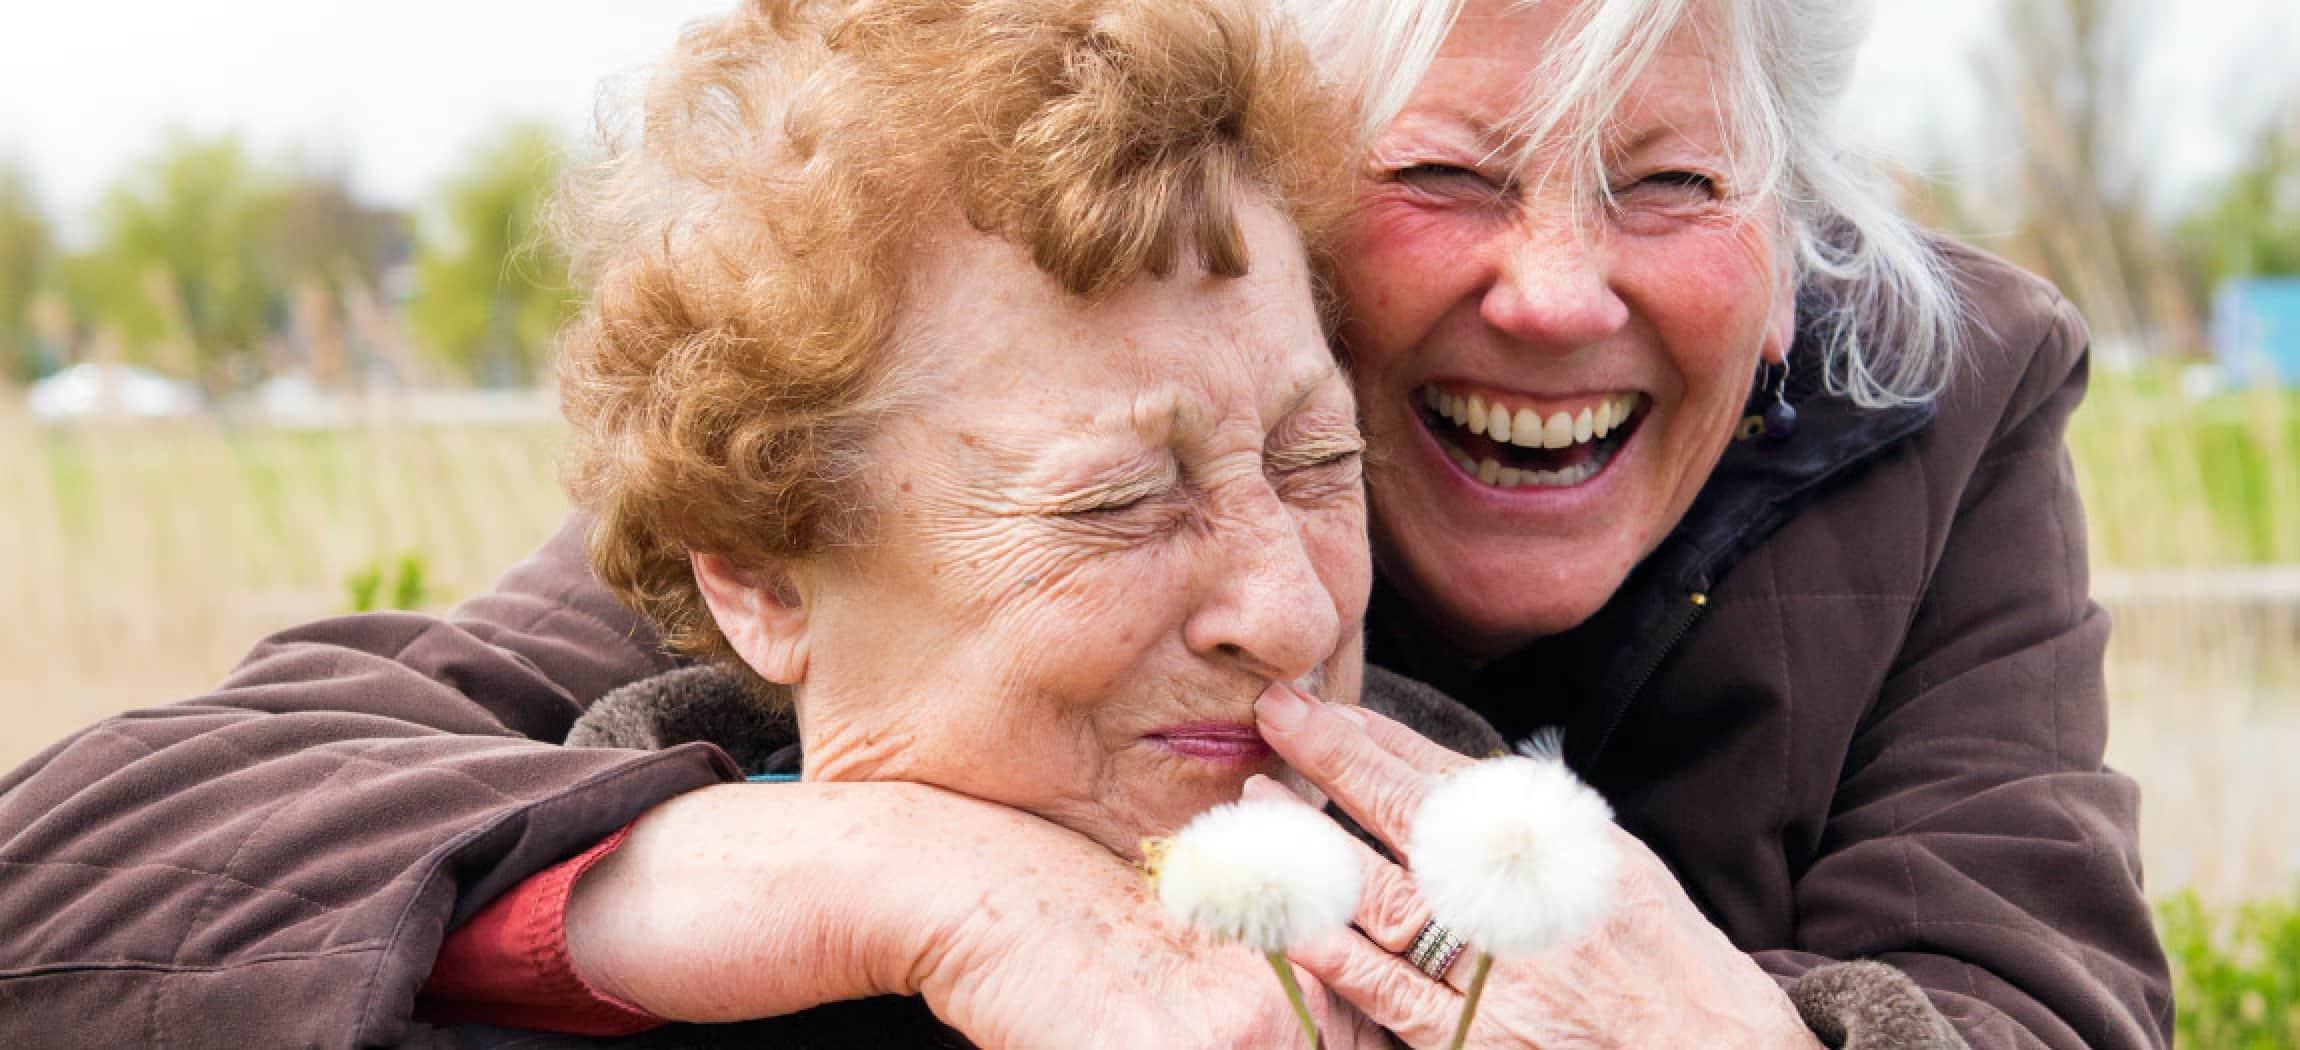 Vrolijk lachende dochter omhelst haar bejaarde moeder, met pluizende paardenbloemen